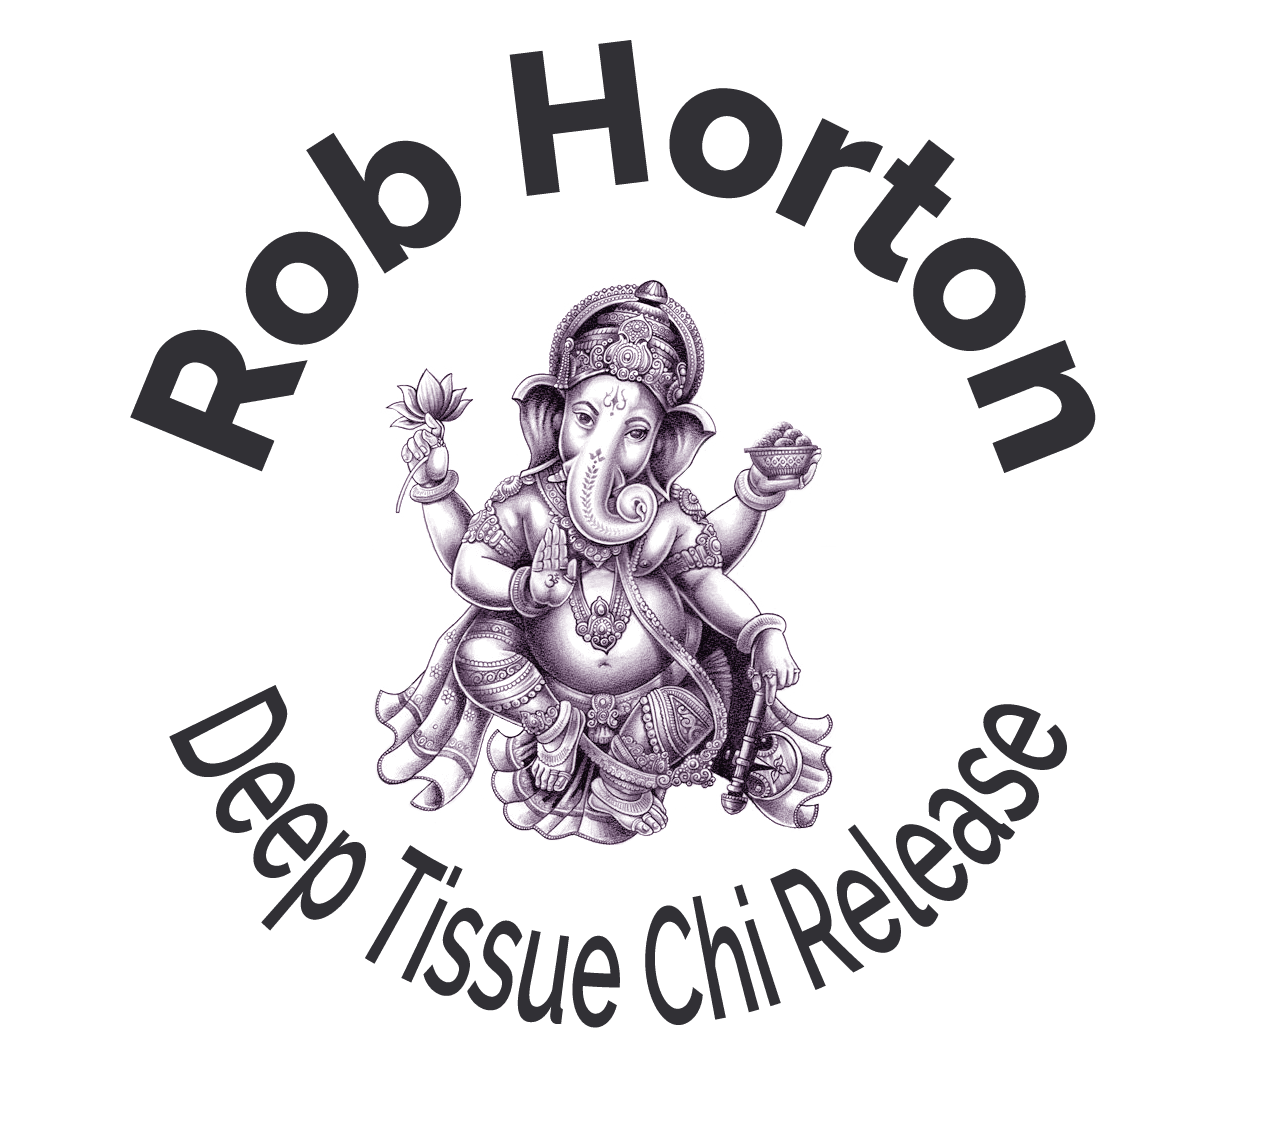 Rob Horton company logo